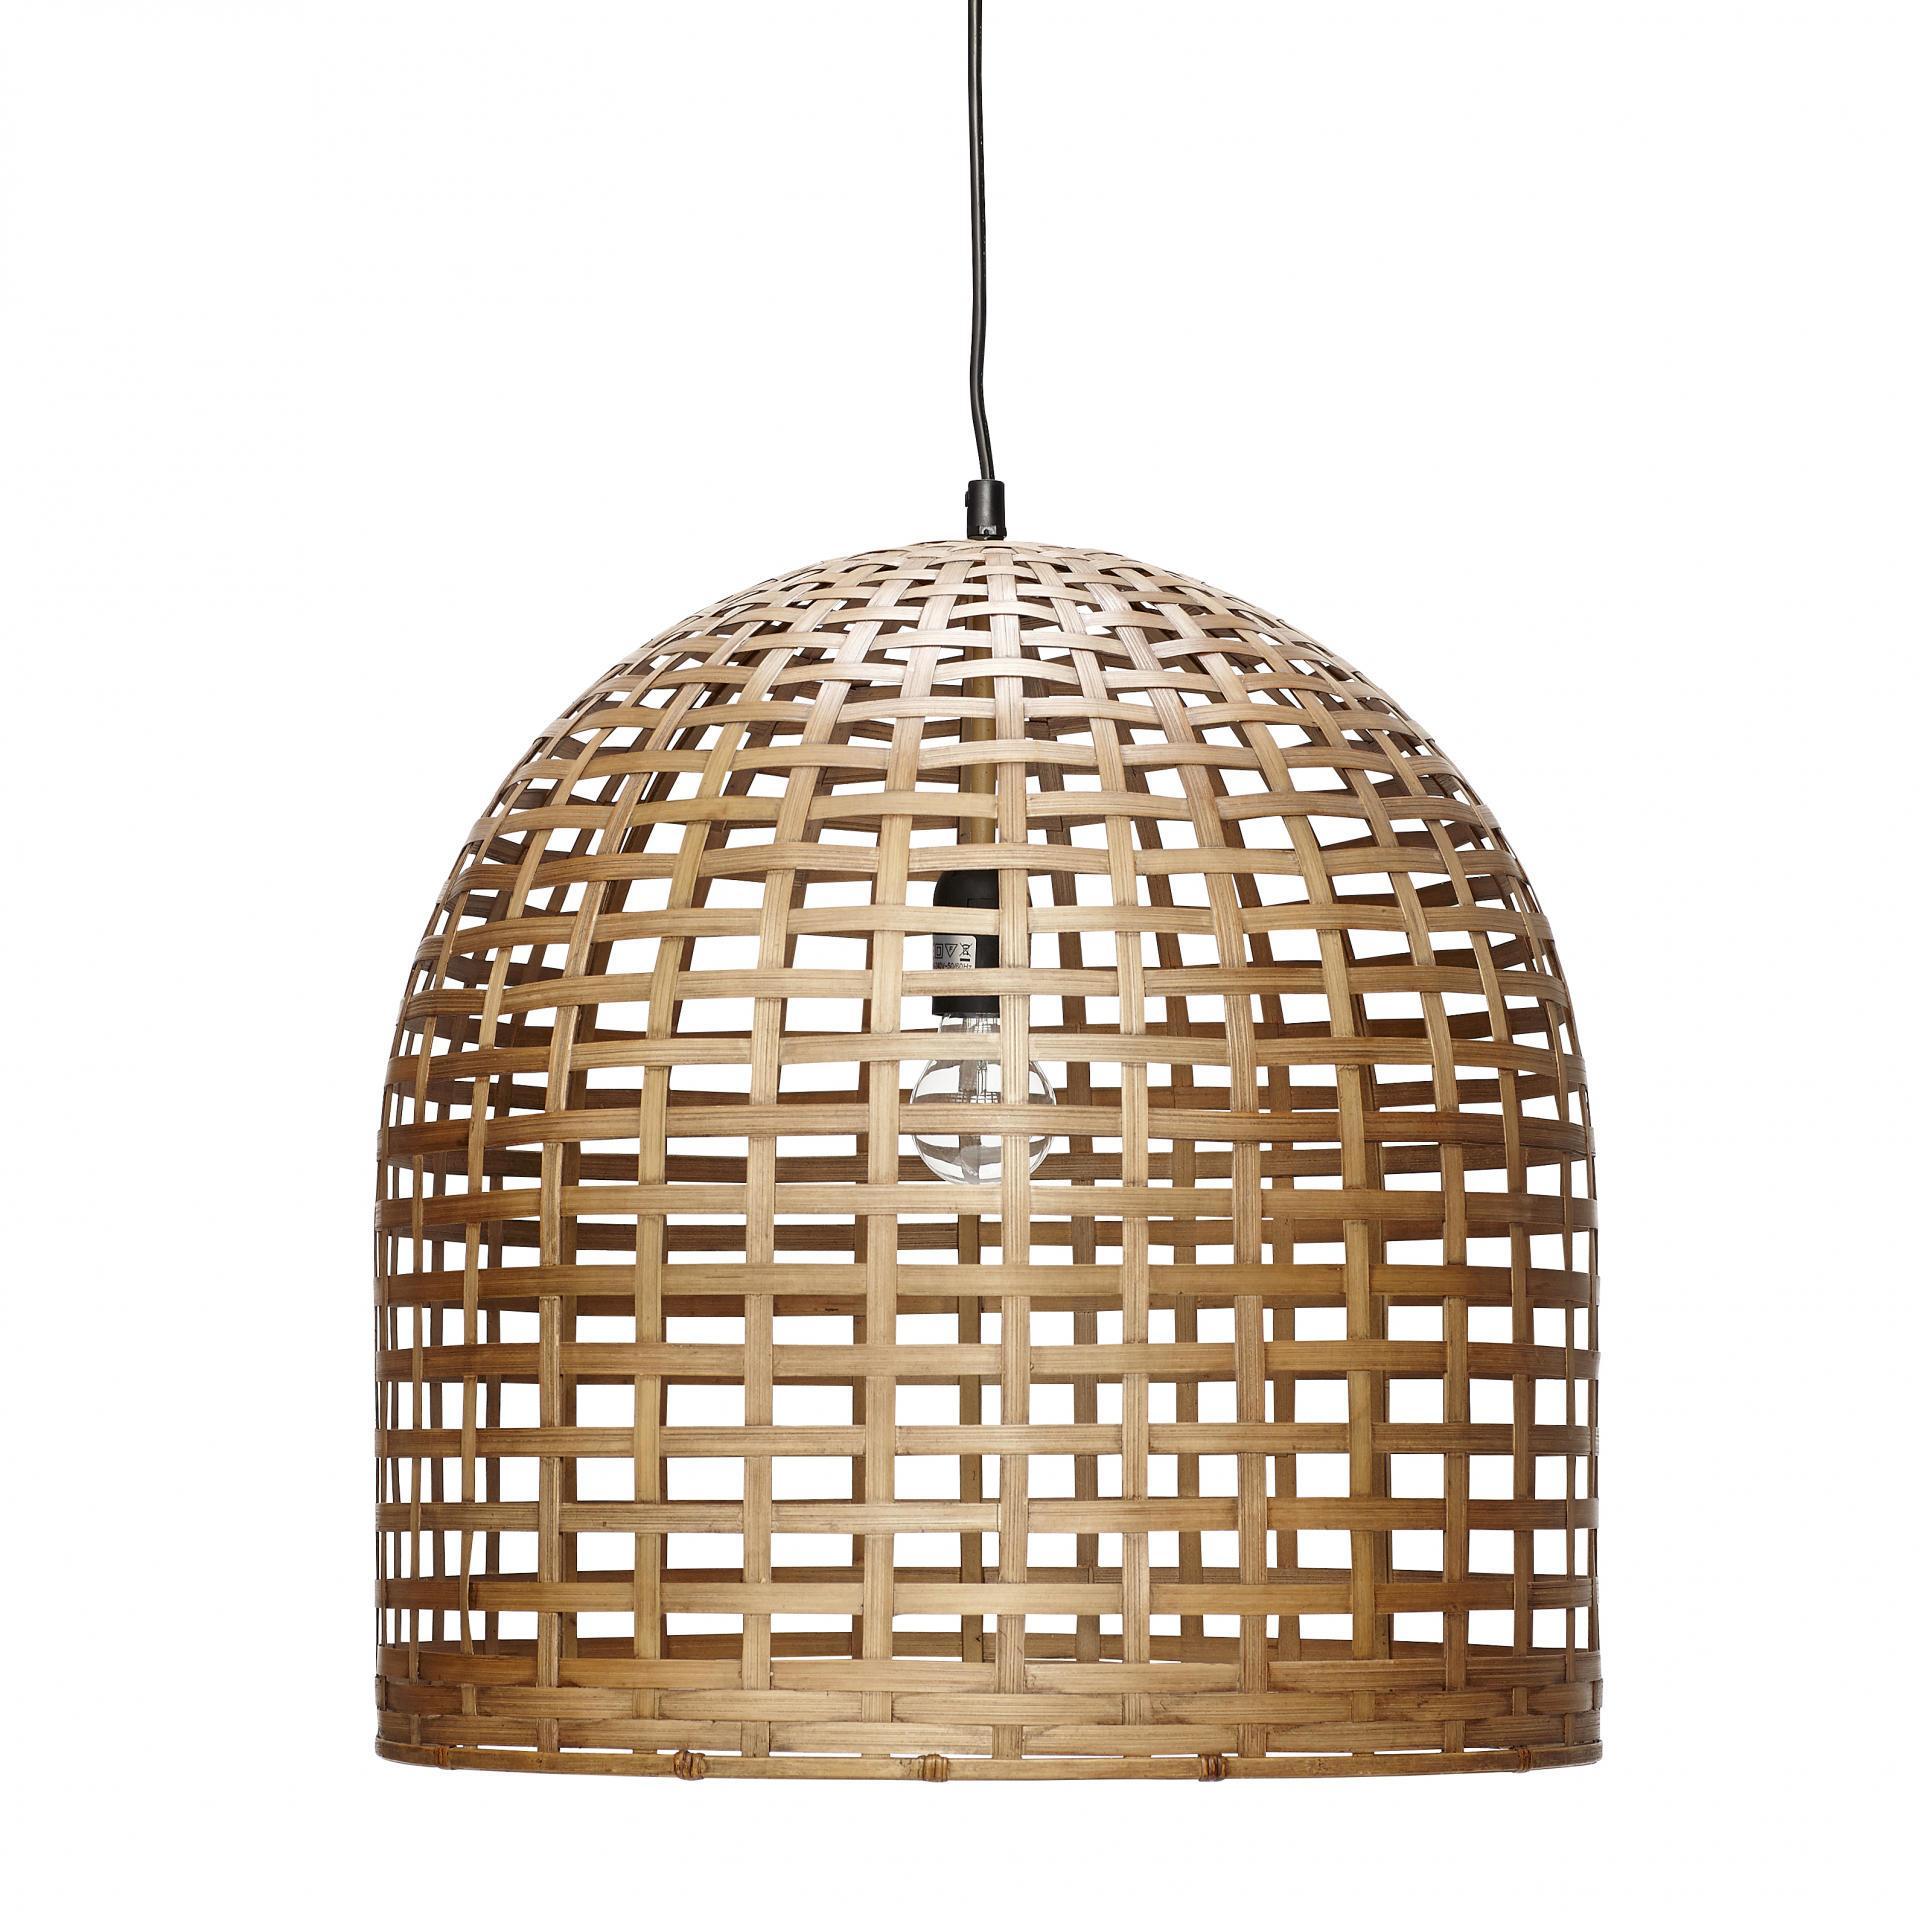 Hübsch Stropní lampa Bamboo nature, béžová barva, dřevo